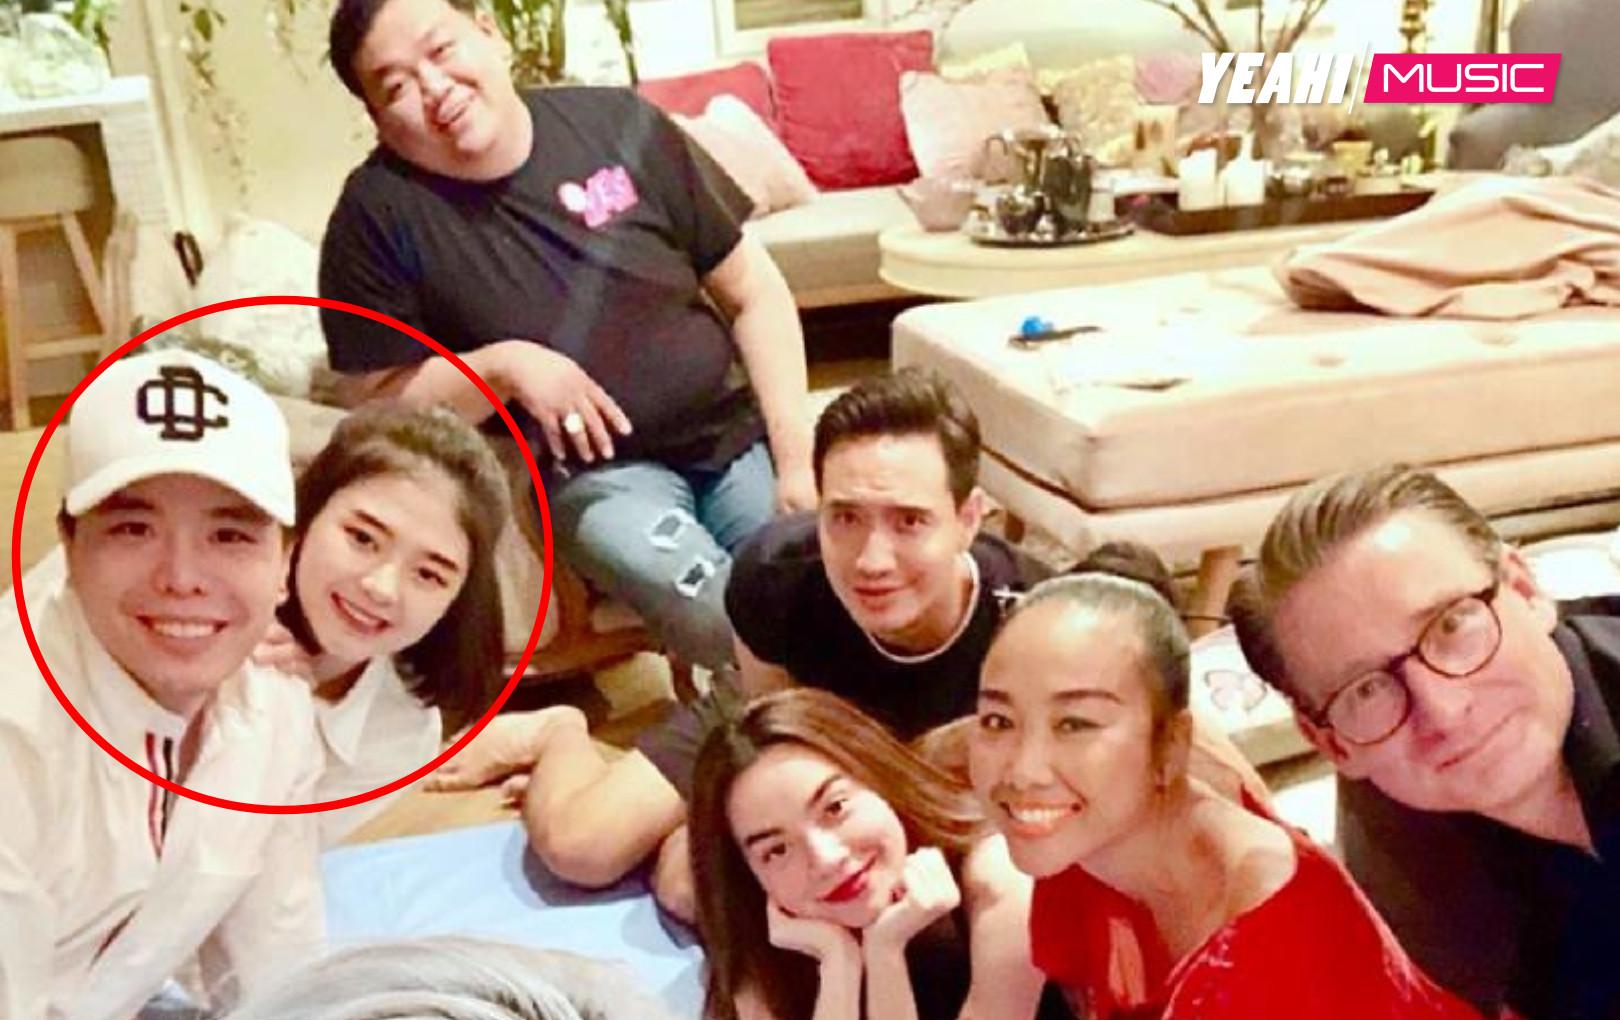 """Trịnh Thăng Bình diện áo đôi, ăn tối cùng """"người yêu tin đồn"""" Liz Kim Cương, ngầm xác nhận mối quan hệ?"""